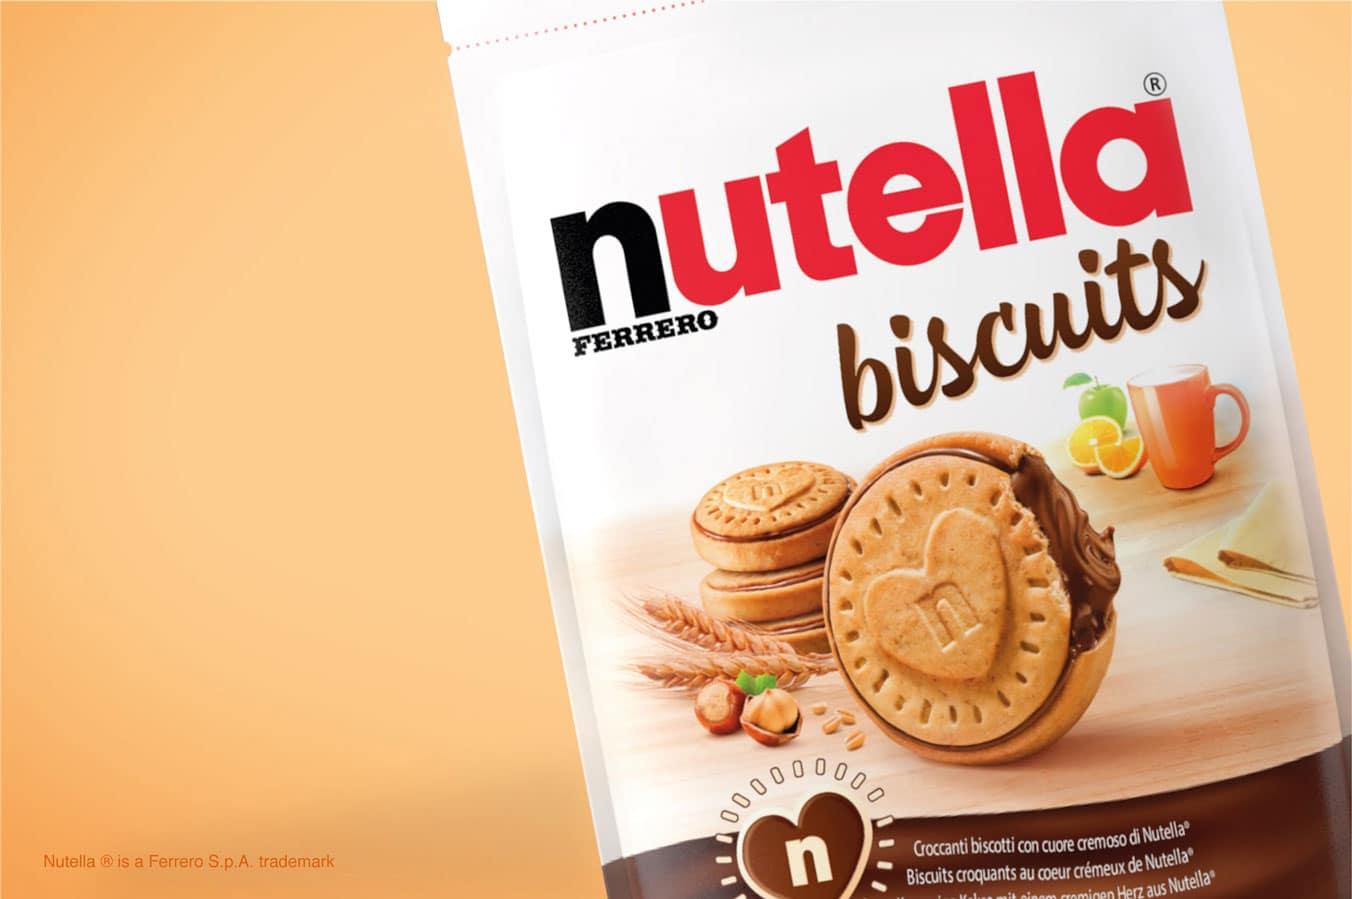 Embalagem do biscoito de Nutella mostrando uma bolacha de pé, com o creme de avelã escorrendo na direita